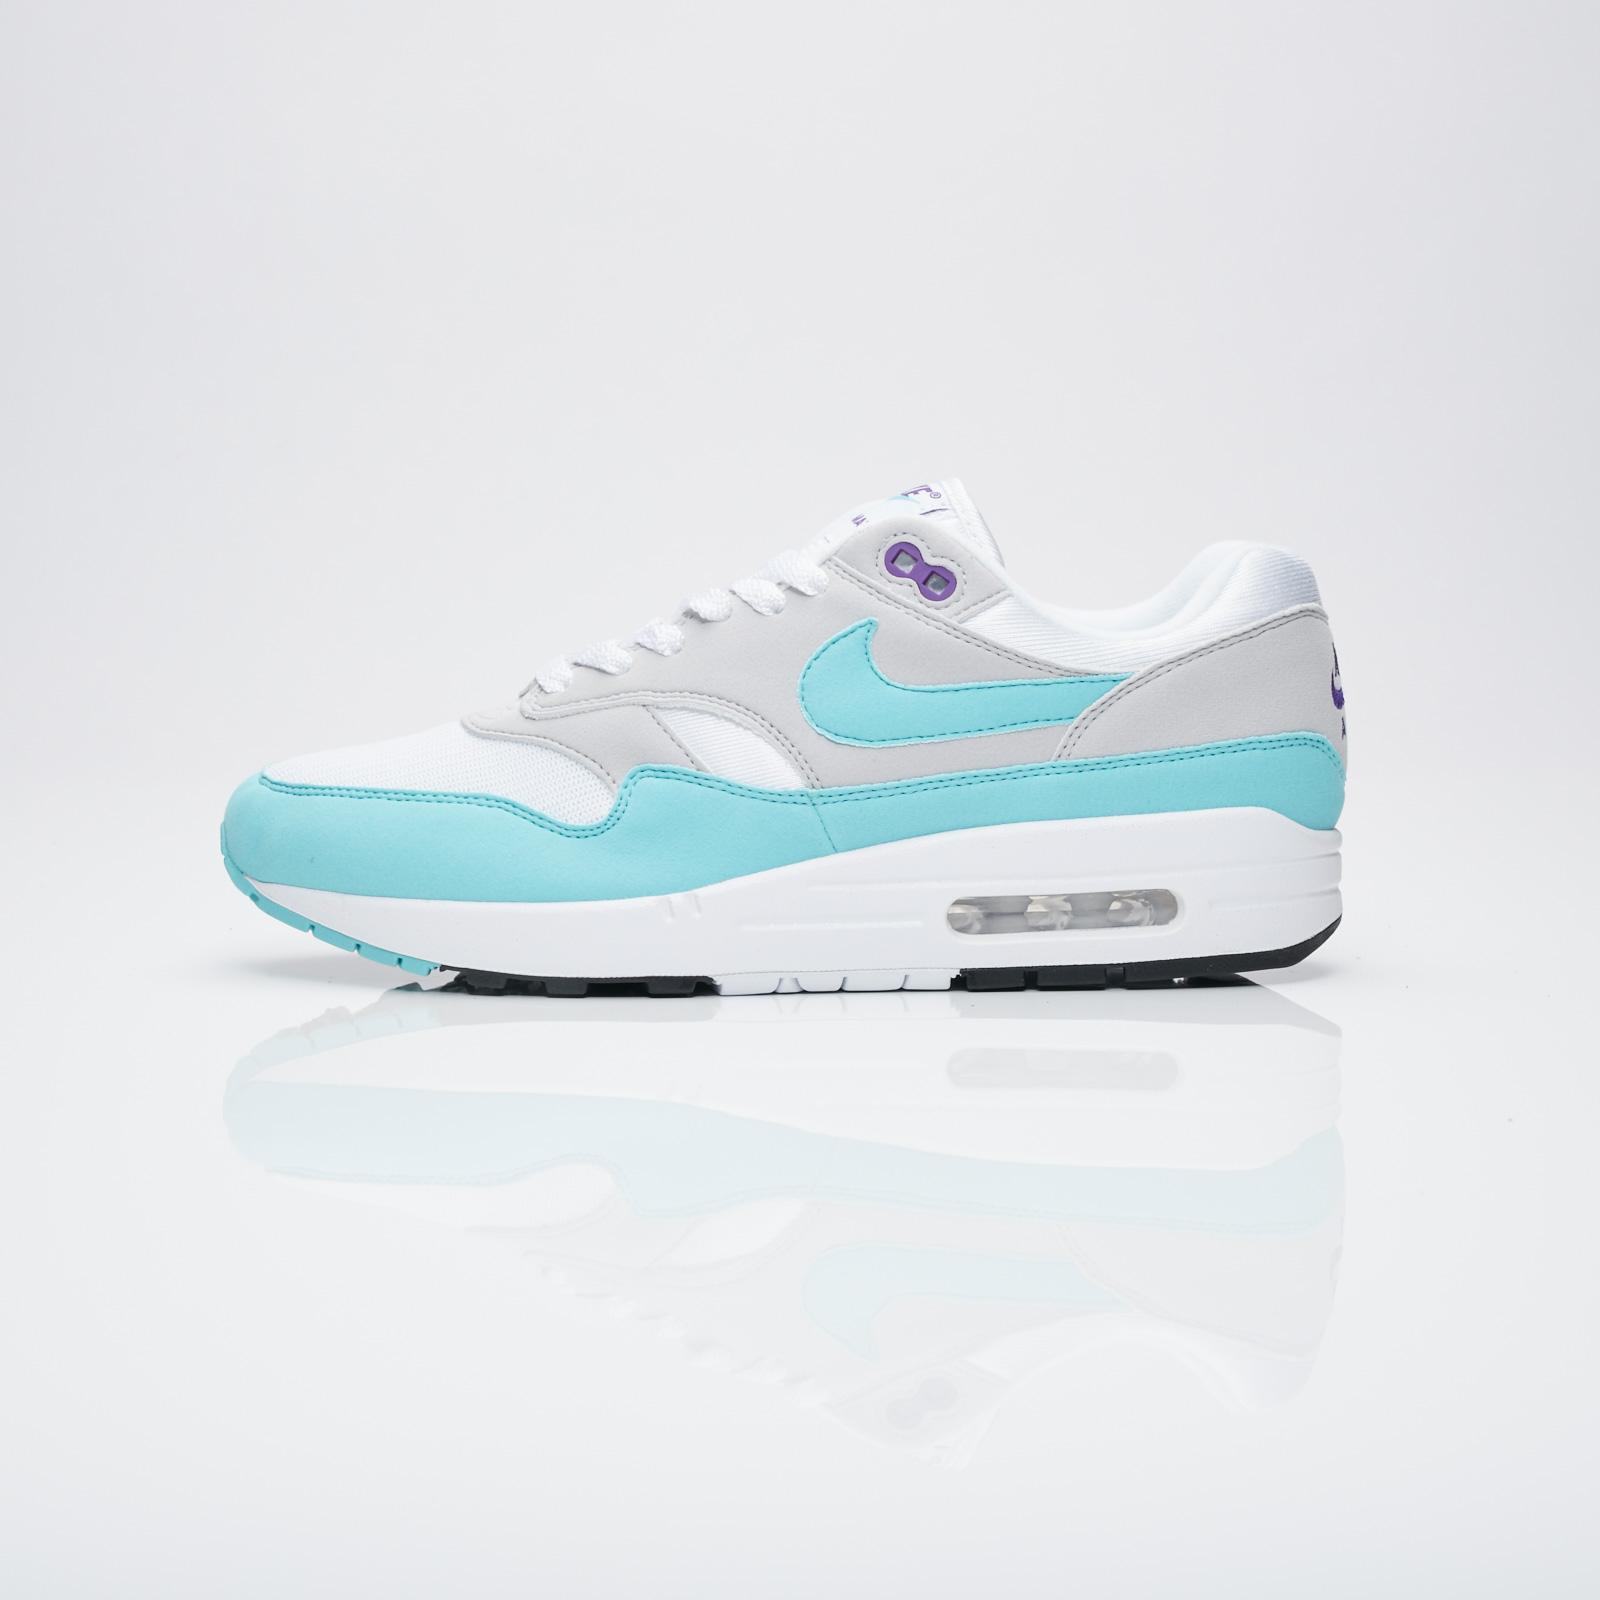 c775decb9b Nike Air Max 1 Anniversary - 908375-105 - Sneakersnstuff | sneakers &  streetwear online since 1999